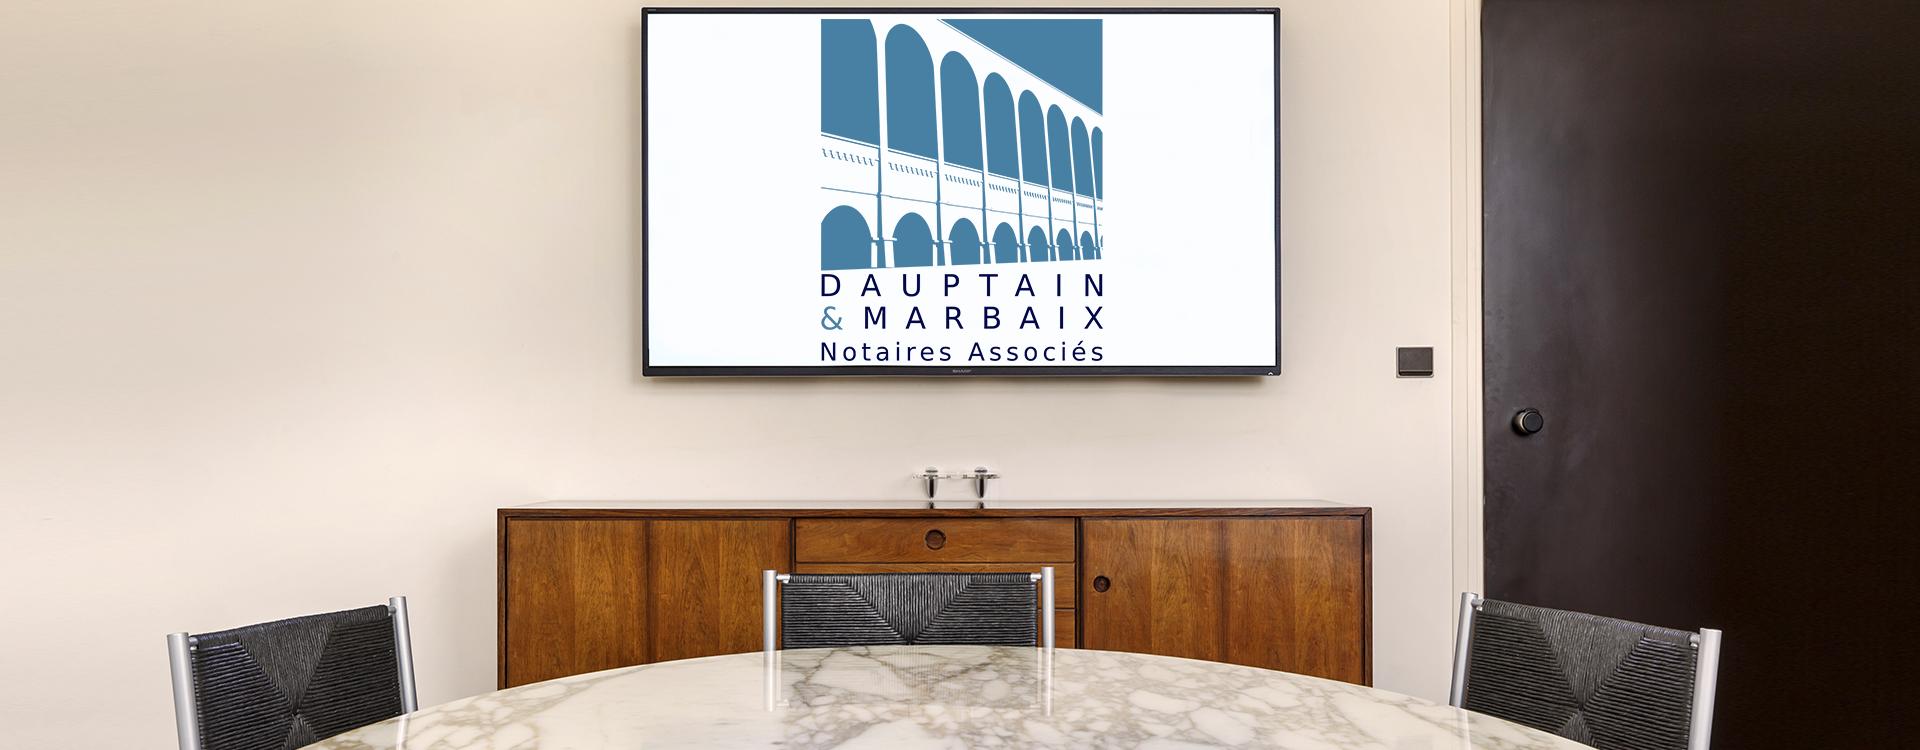 Dauptain & Marbaix Notaires associés